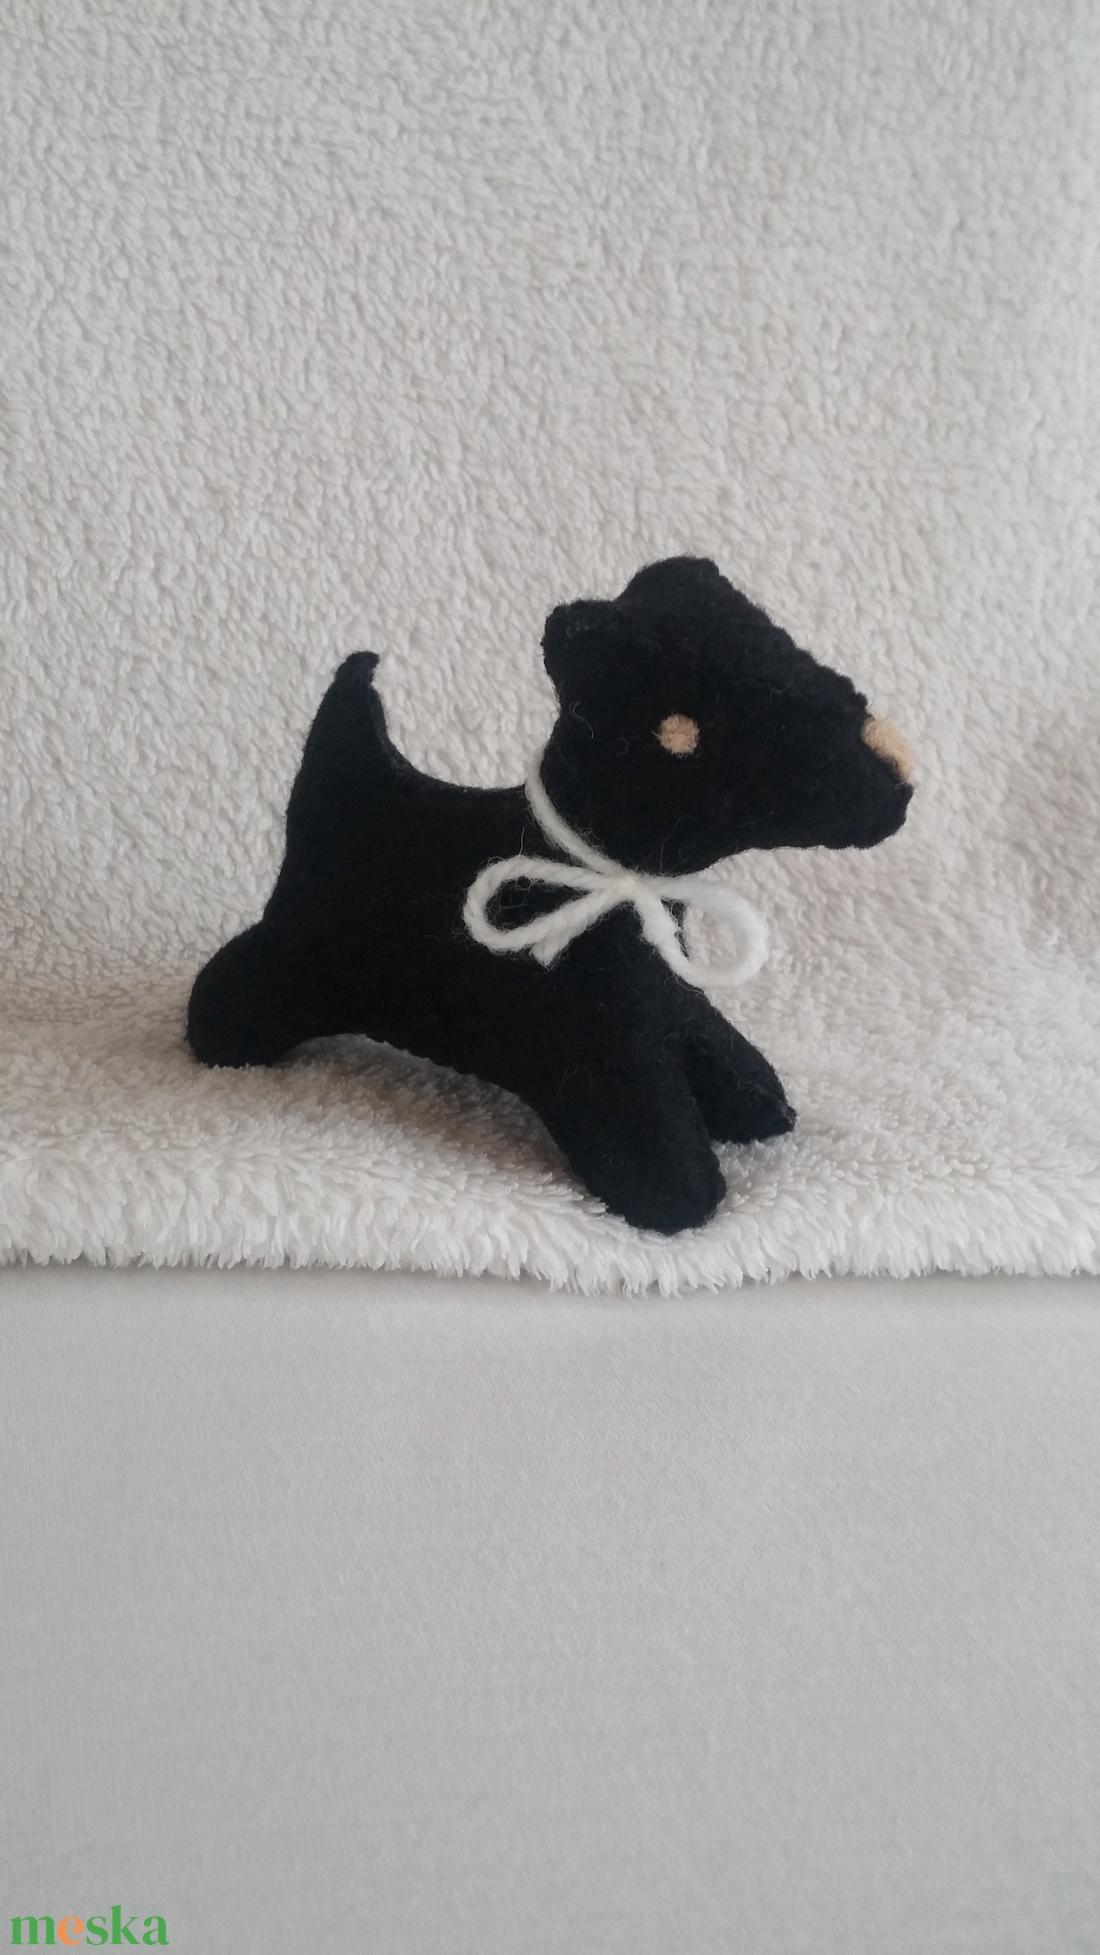 Filc foxi kutya fekete - játék & gyerek - plüssállat & játékfigura - Meska.hu